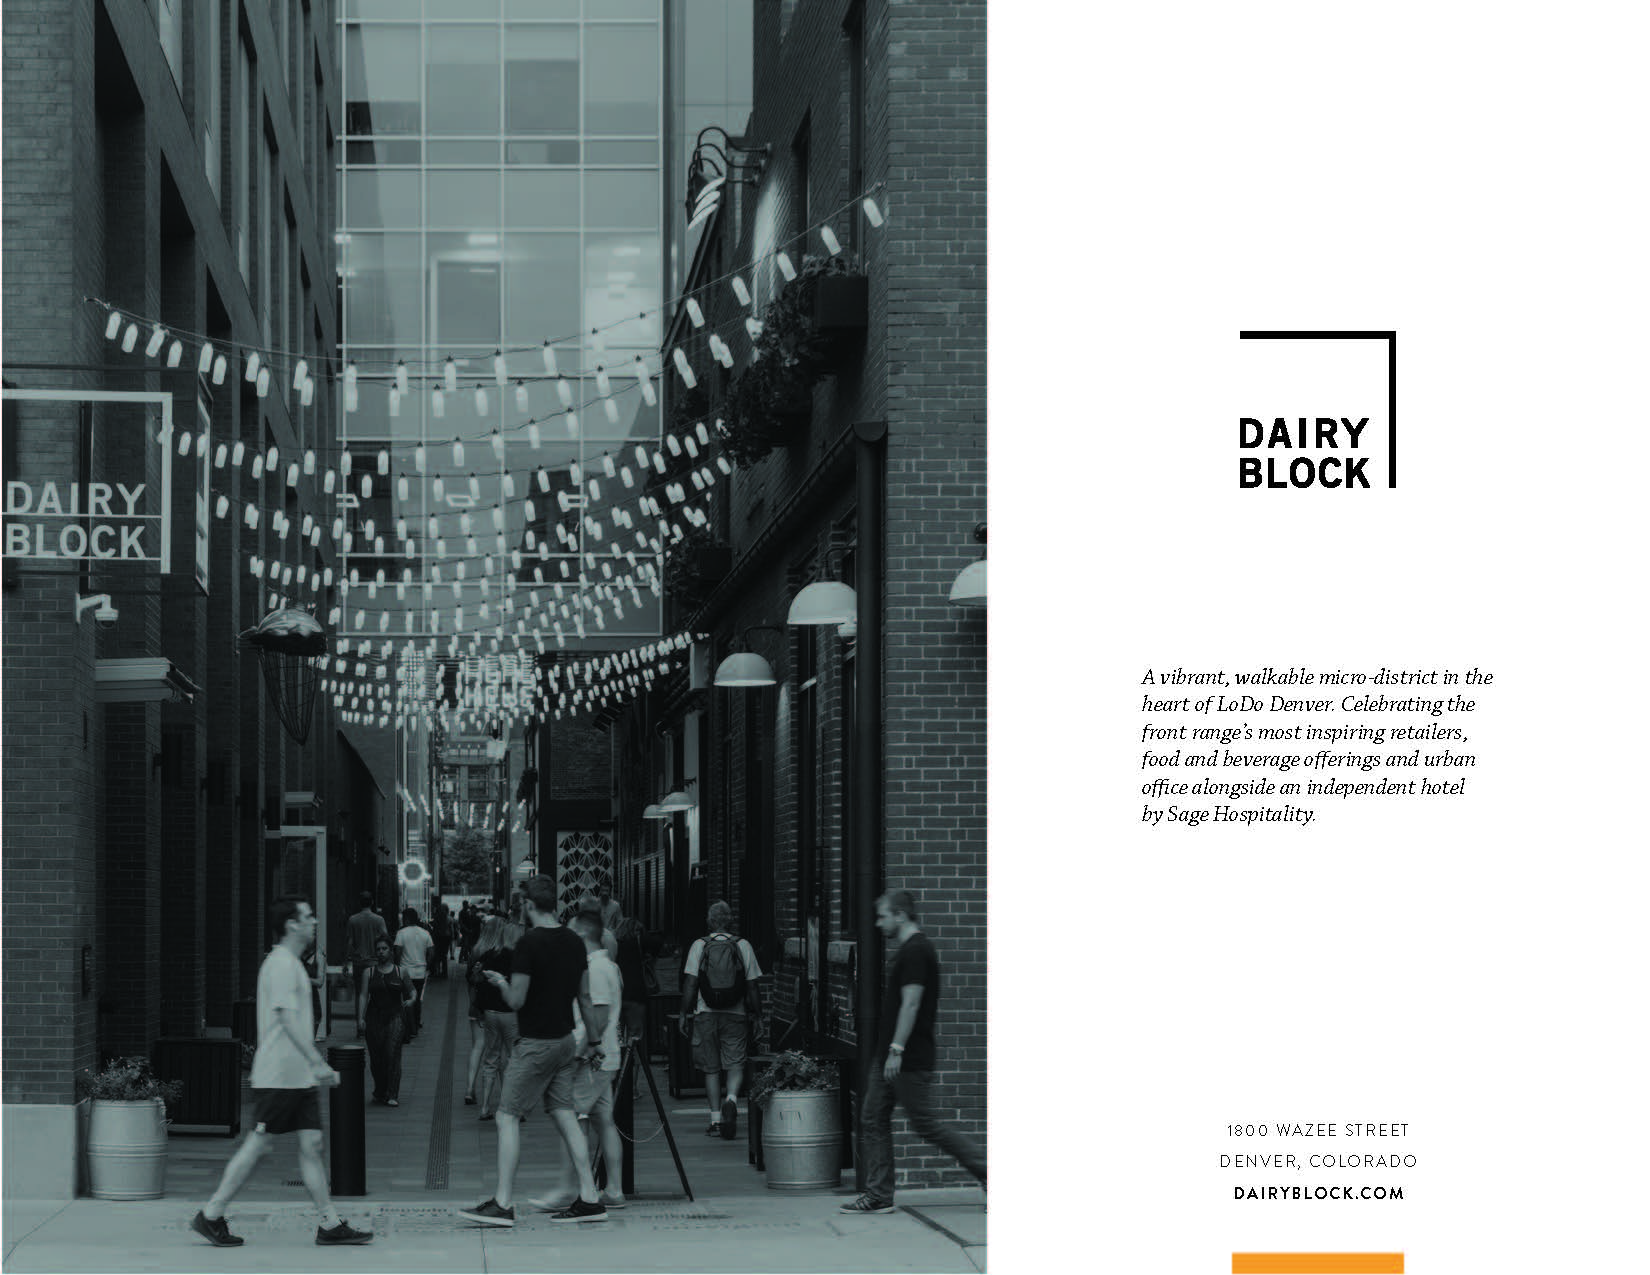 2019.07.16_Dairy Block_Retail Availabilities_Page_02.jpg